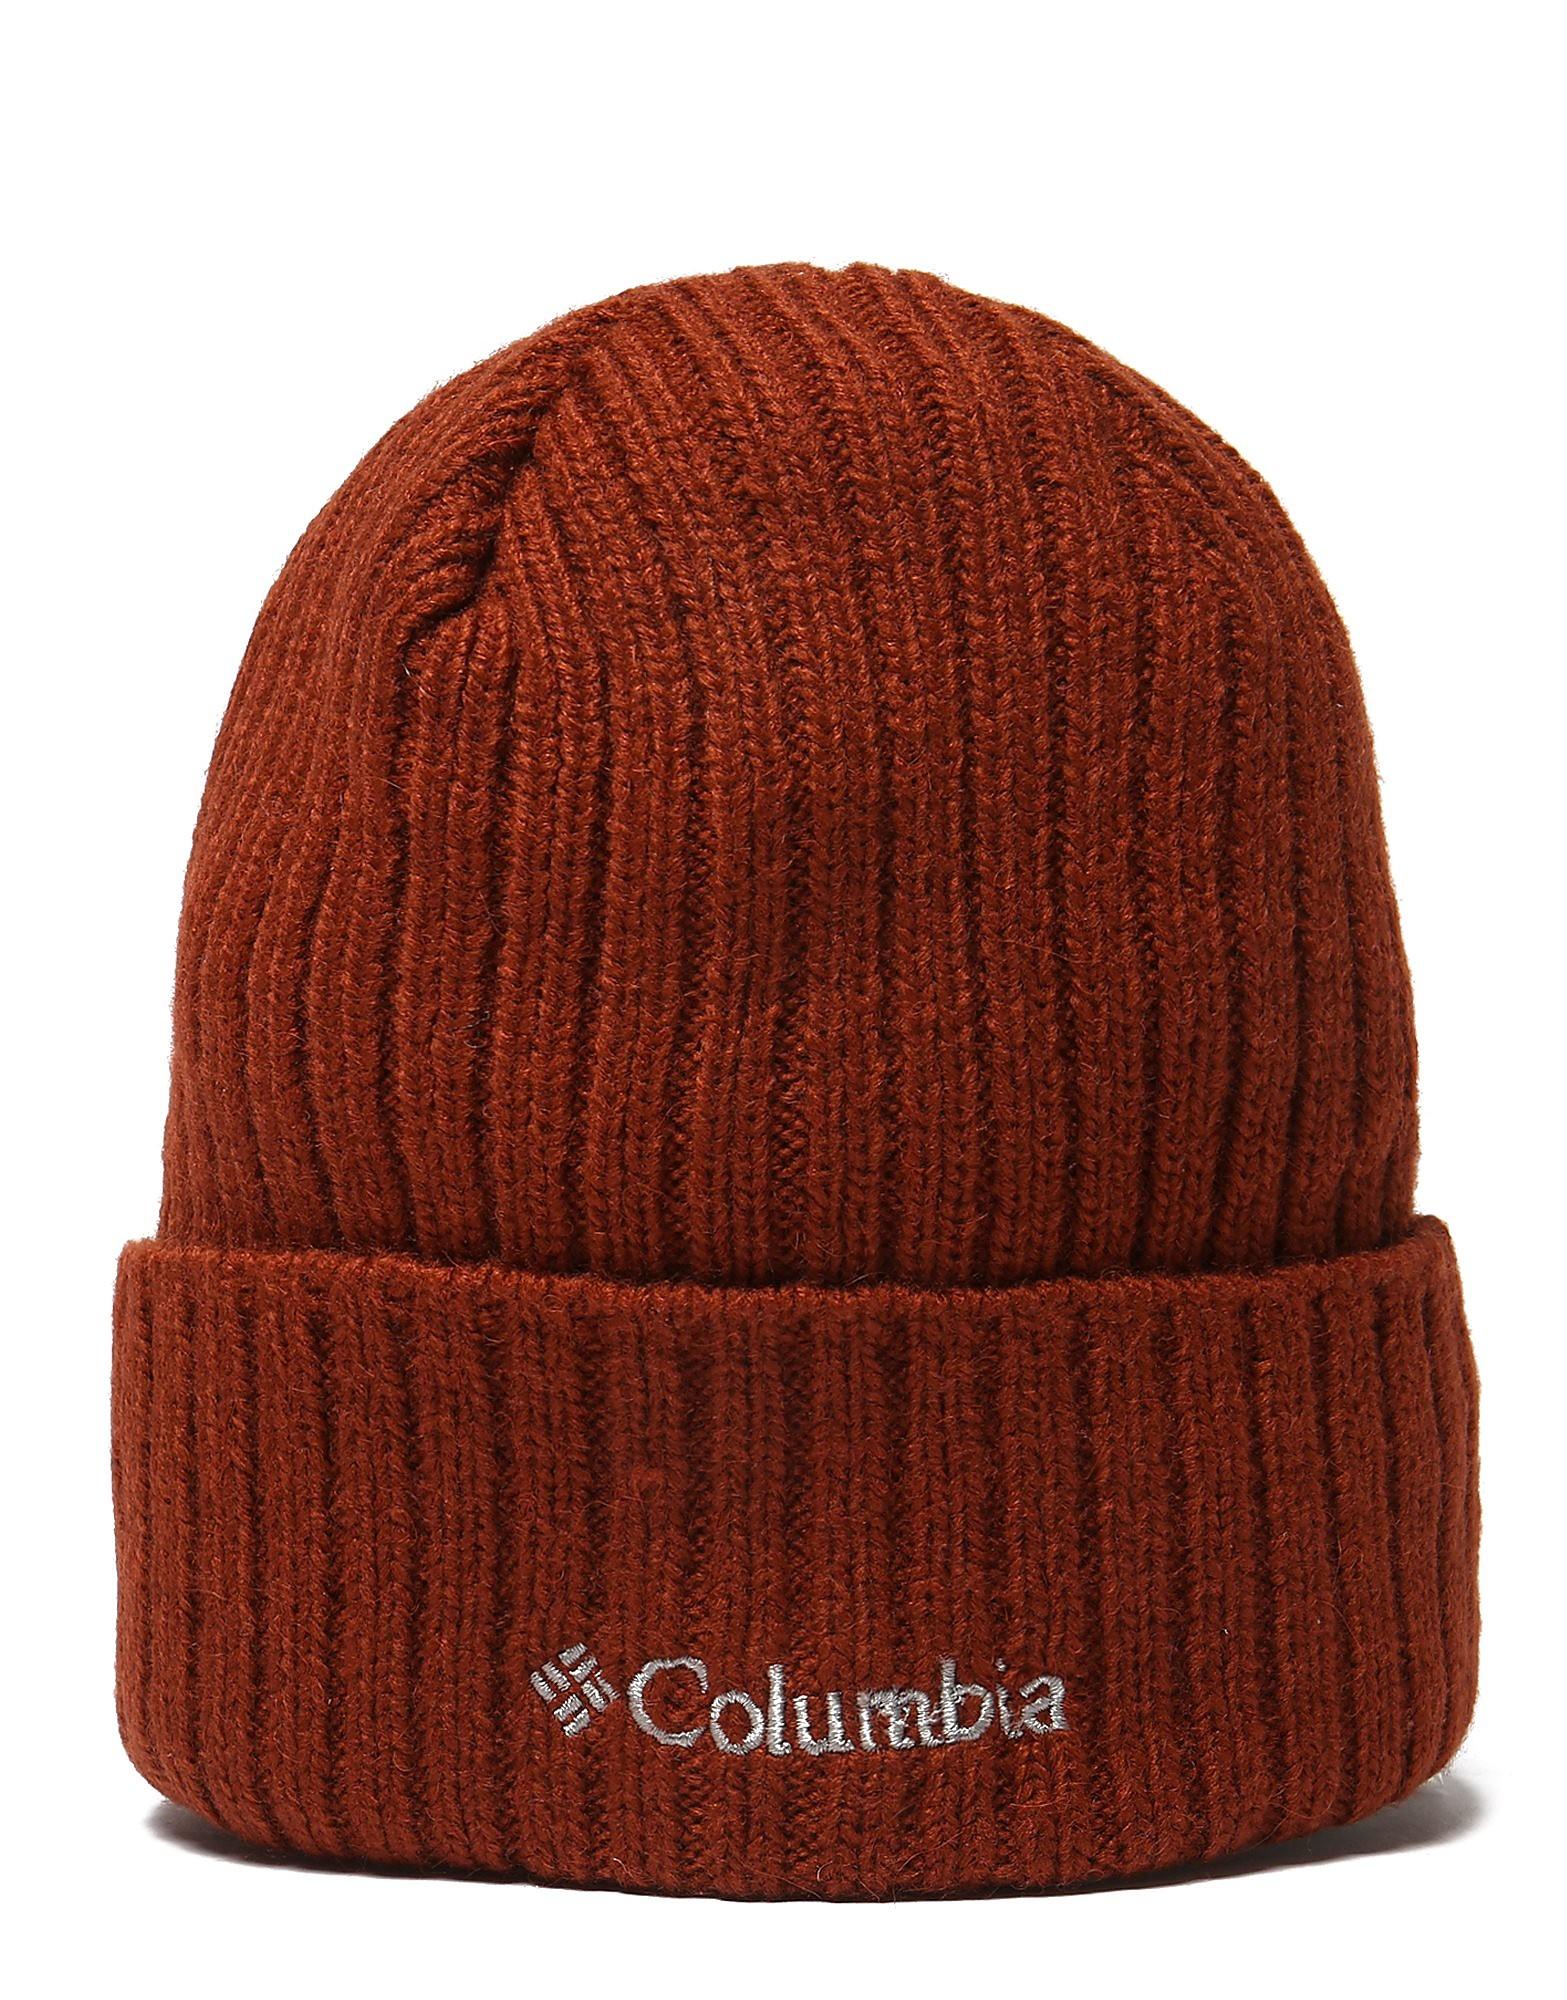 Columbia gorro de lana Watch